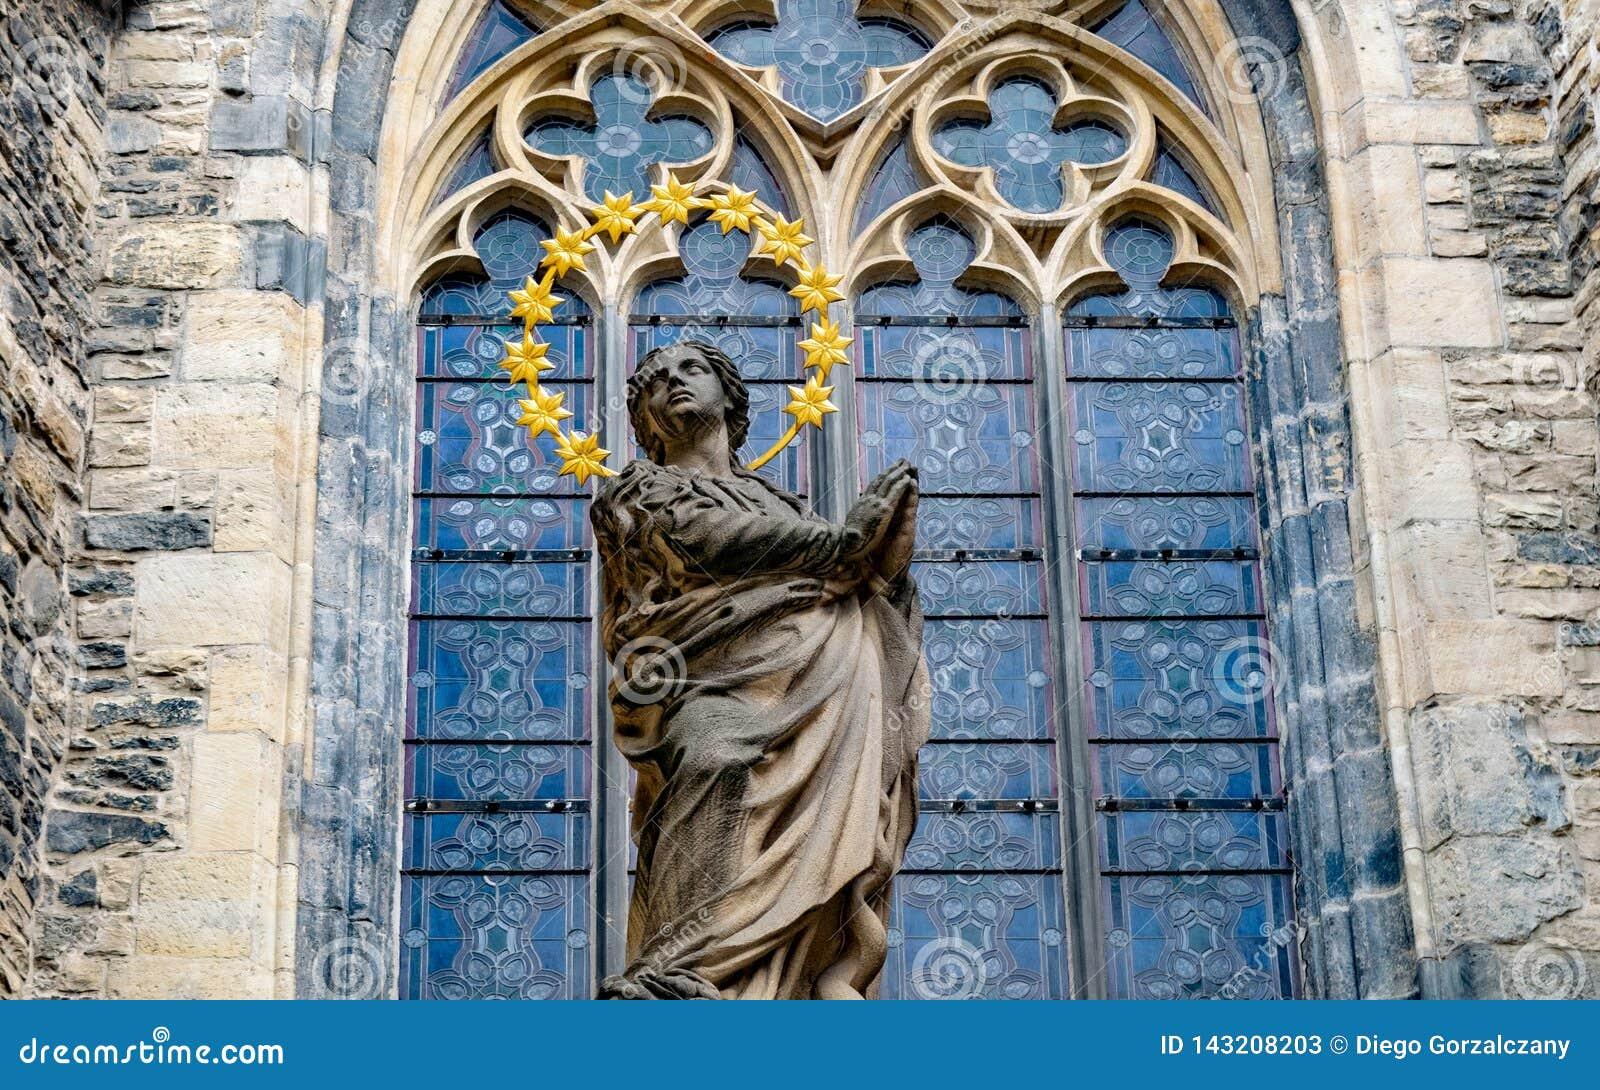 Statue vor gotischer Kirche in Berlin